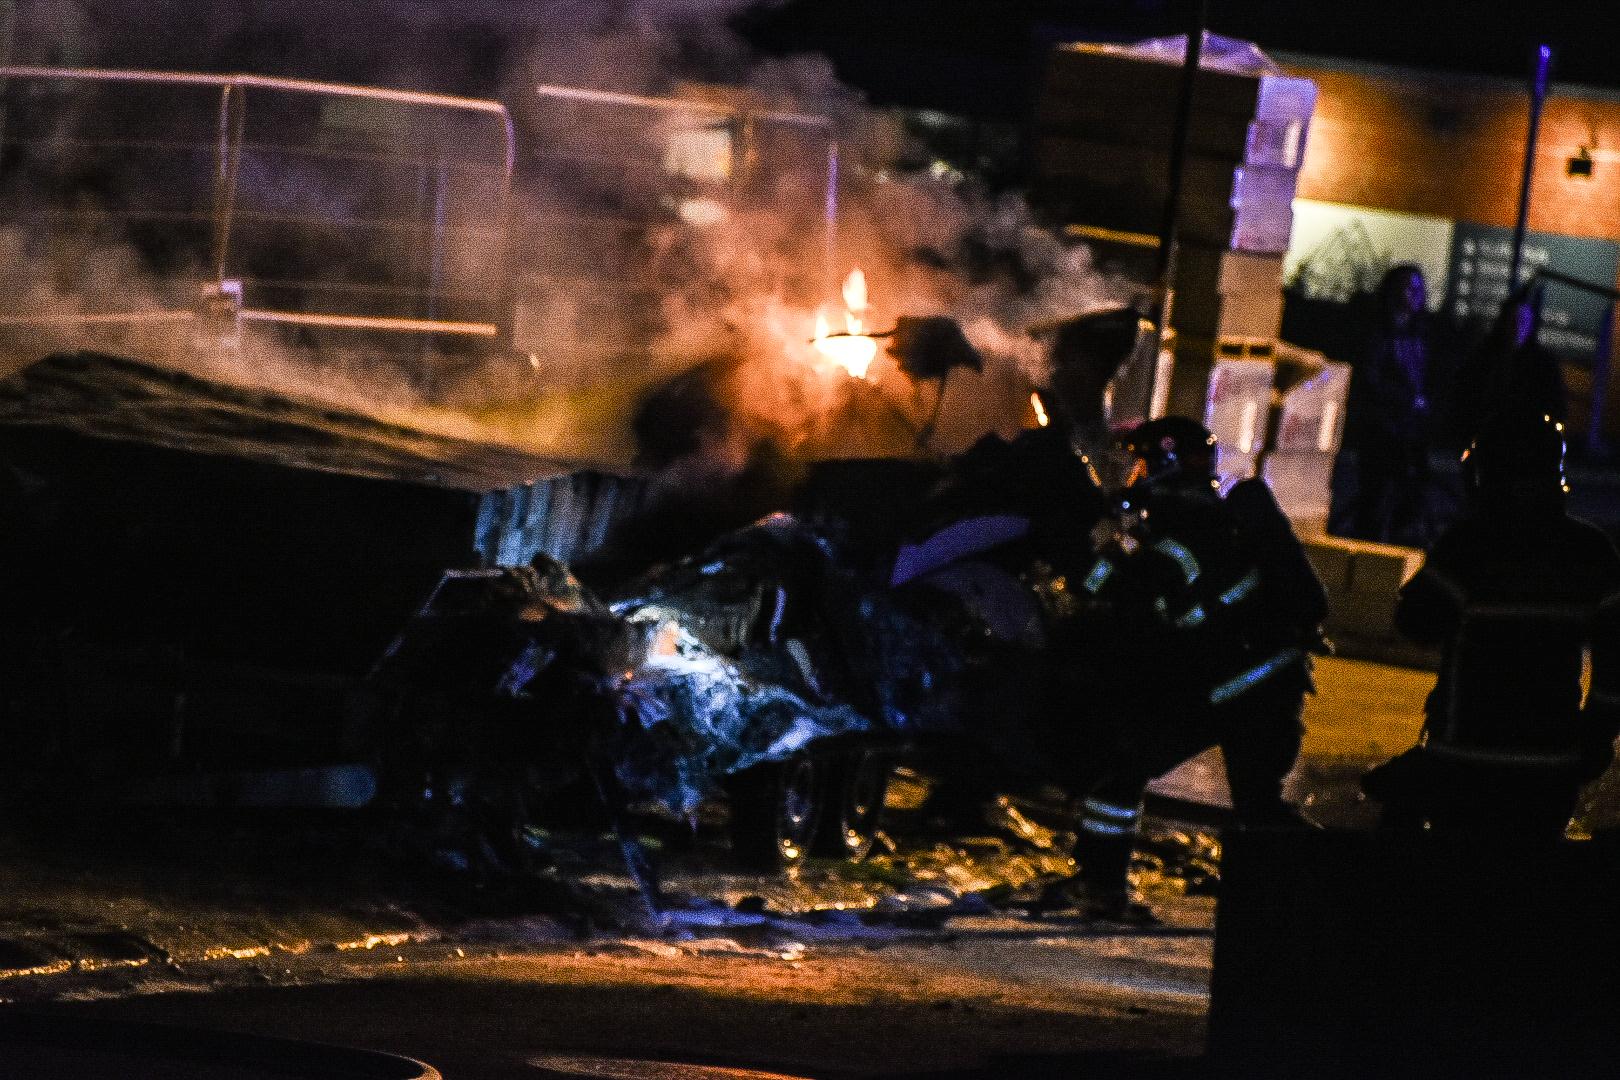 Naturbrand i Aalborg - skurvogn udbrændte